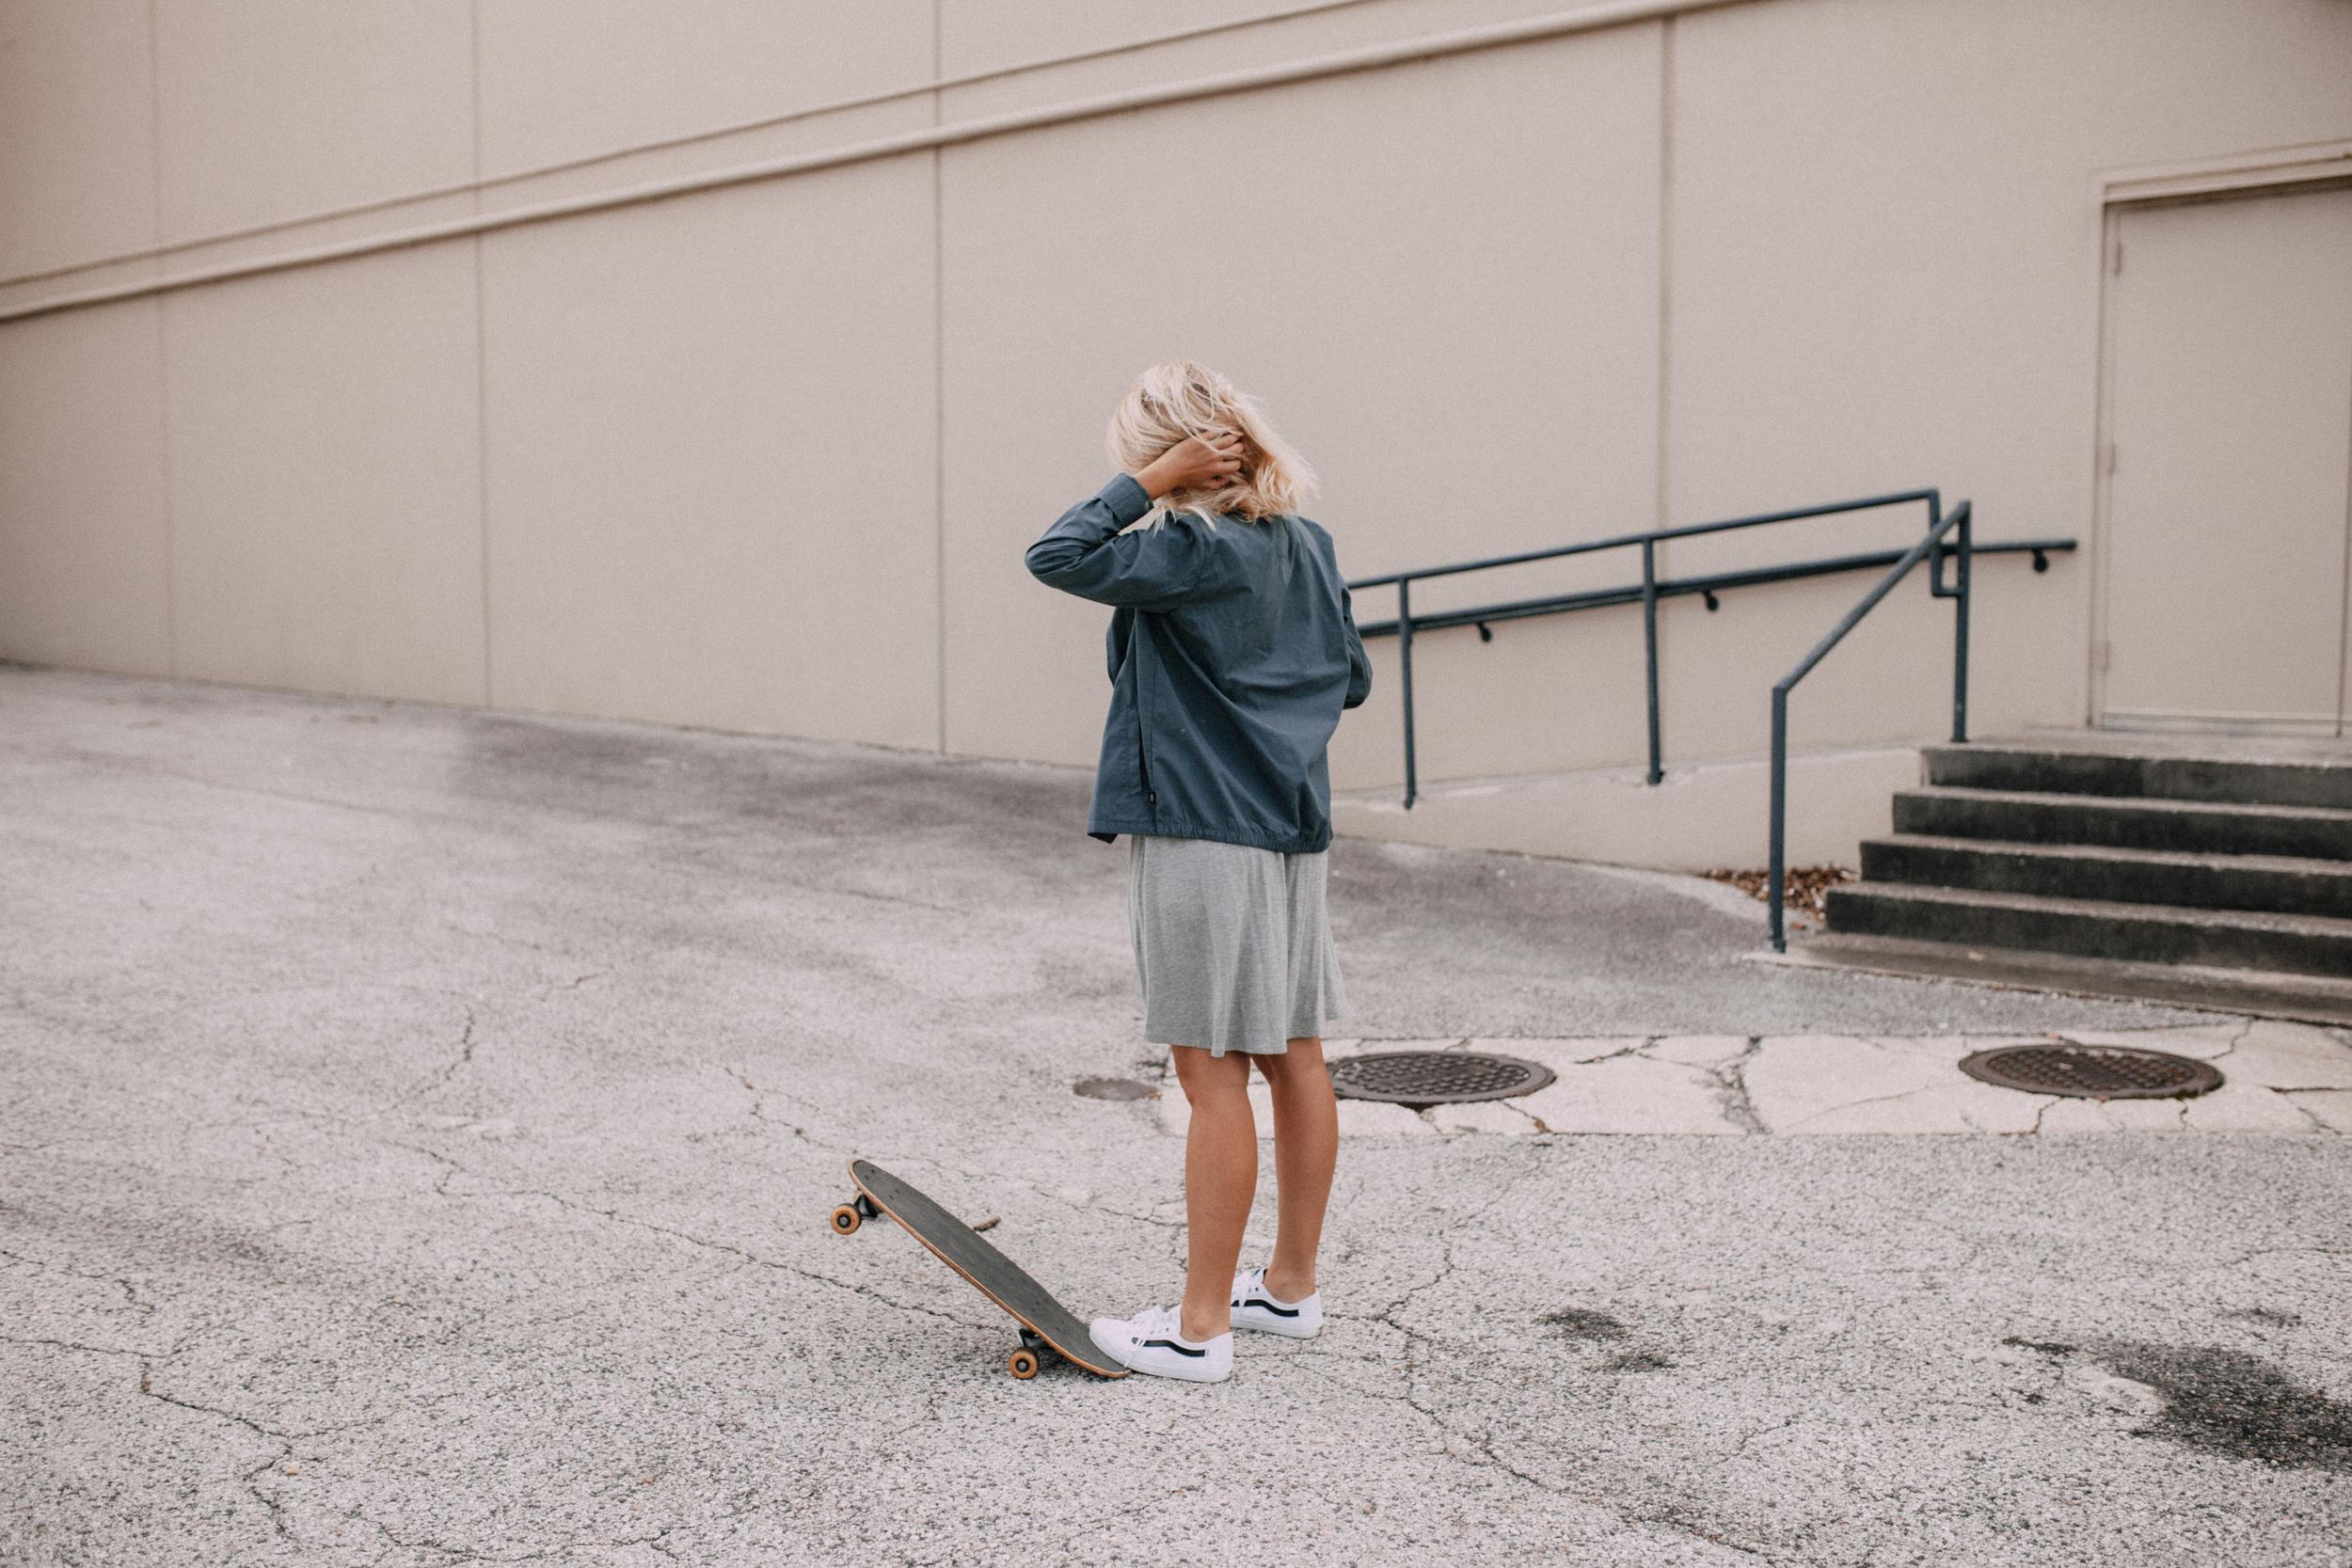 Elise_Skate-1.jpg